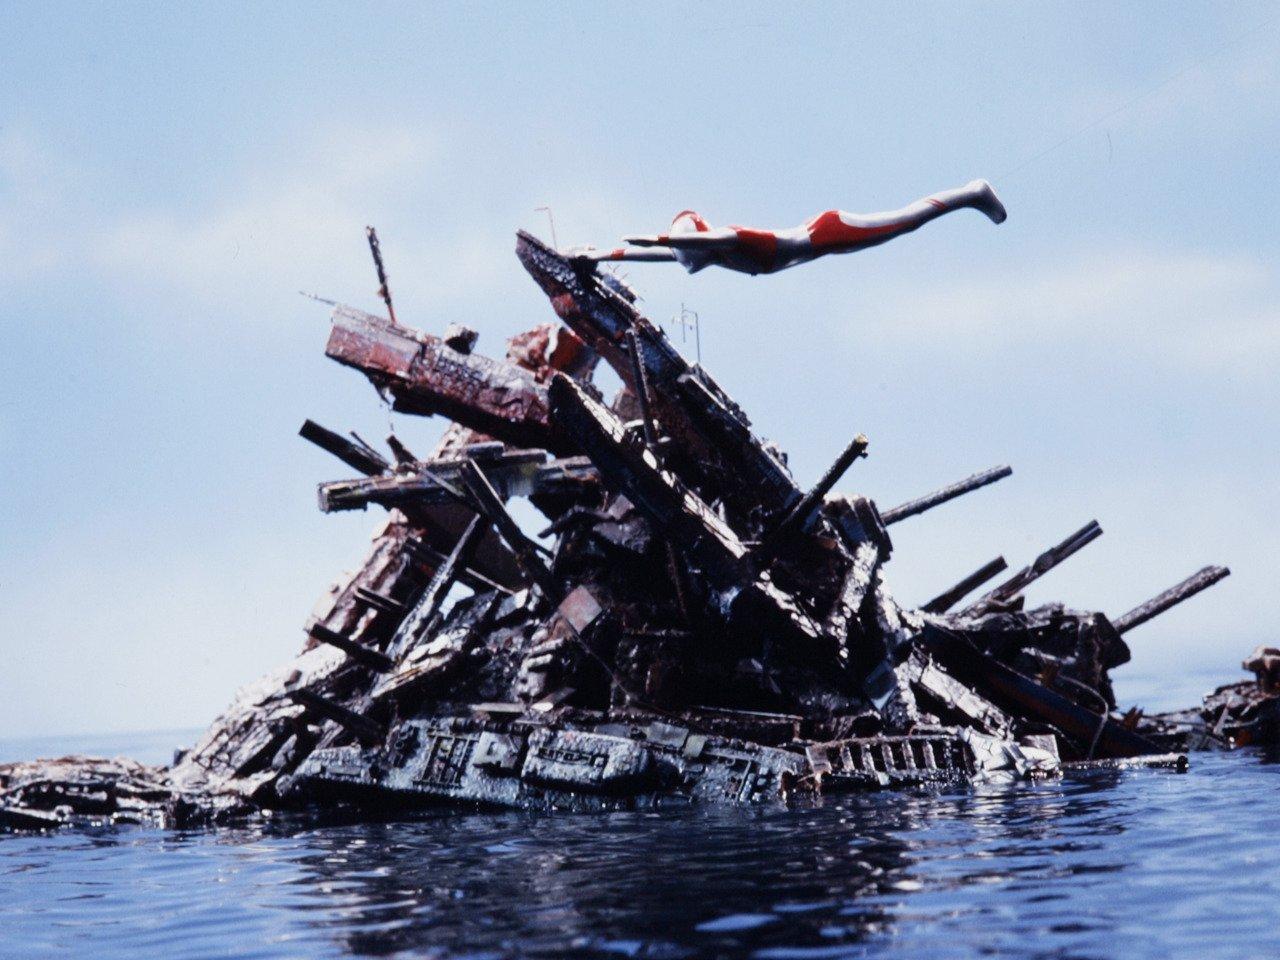 废弃幽灵船 巴拉克船